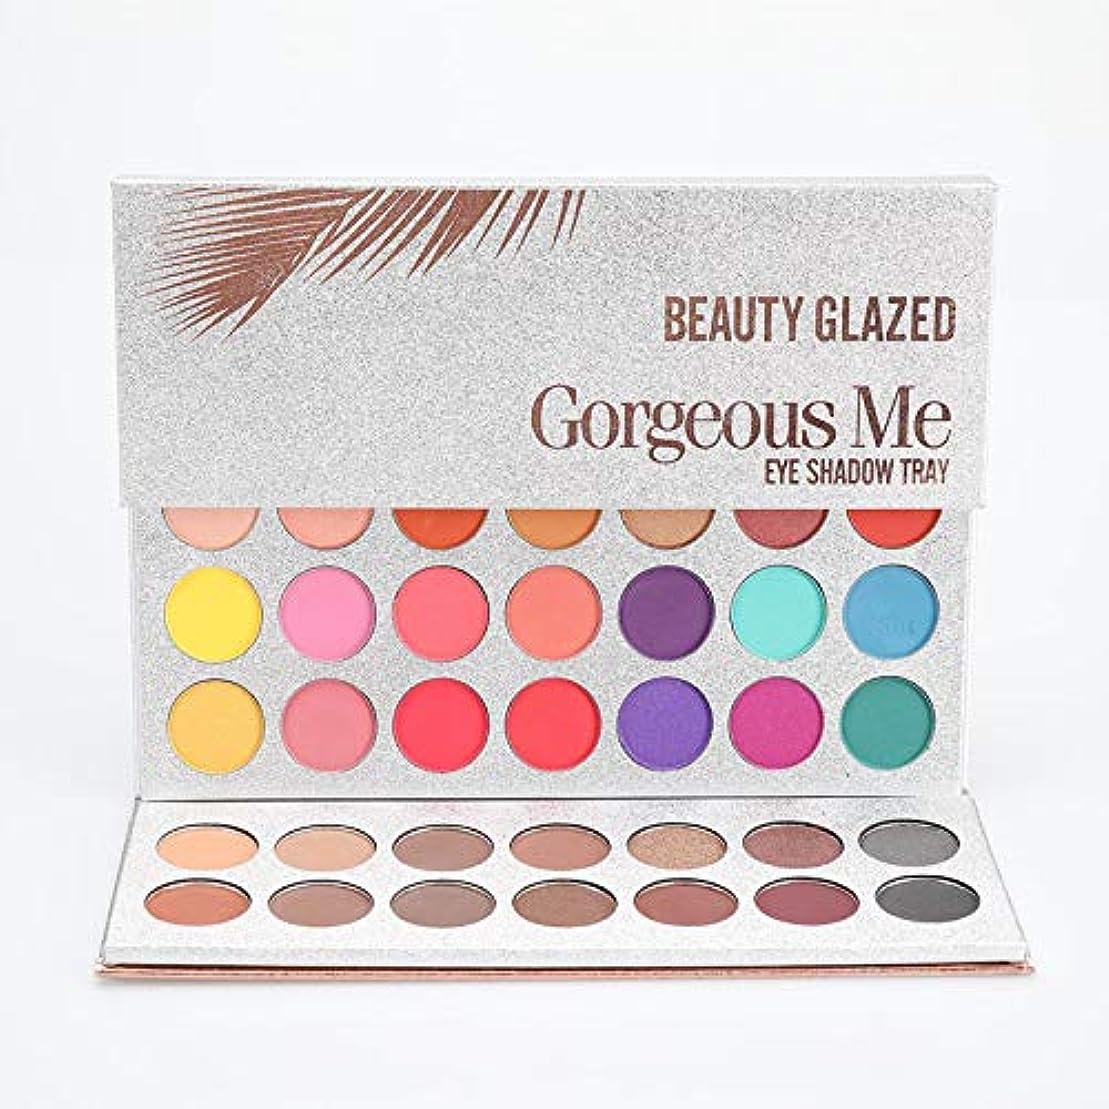 狂ったミニチュアにはまって63 Color eyeshadow pallete Glitter Makeup Matte Eye shadow make up palette maquillage paleta de sombra 63色のアイシャドーパレエキラキラメイクアップマットアイシャドウメイクアップパレットマキアージュパレタデムブラブ